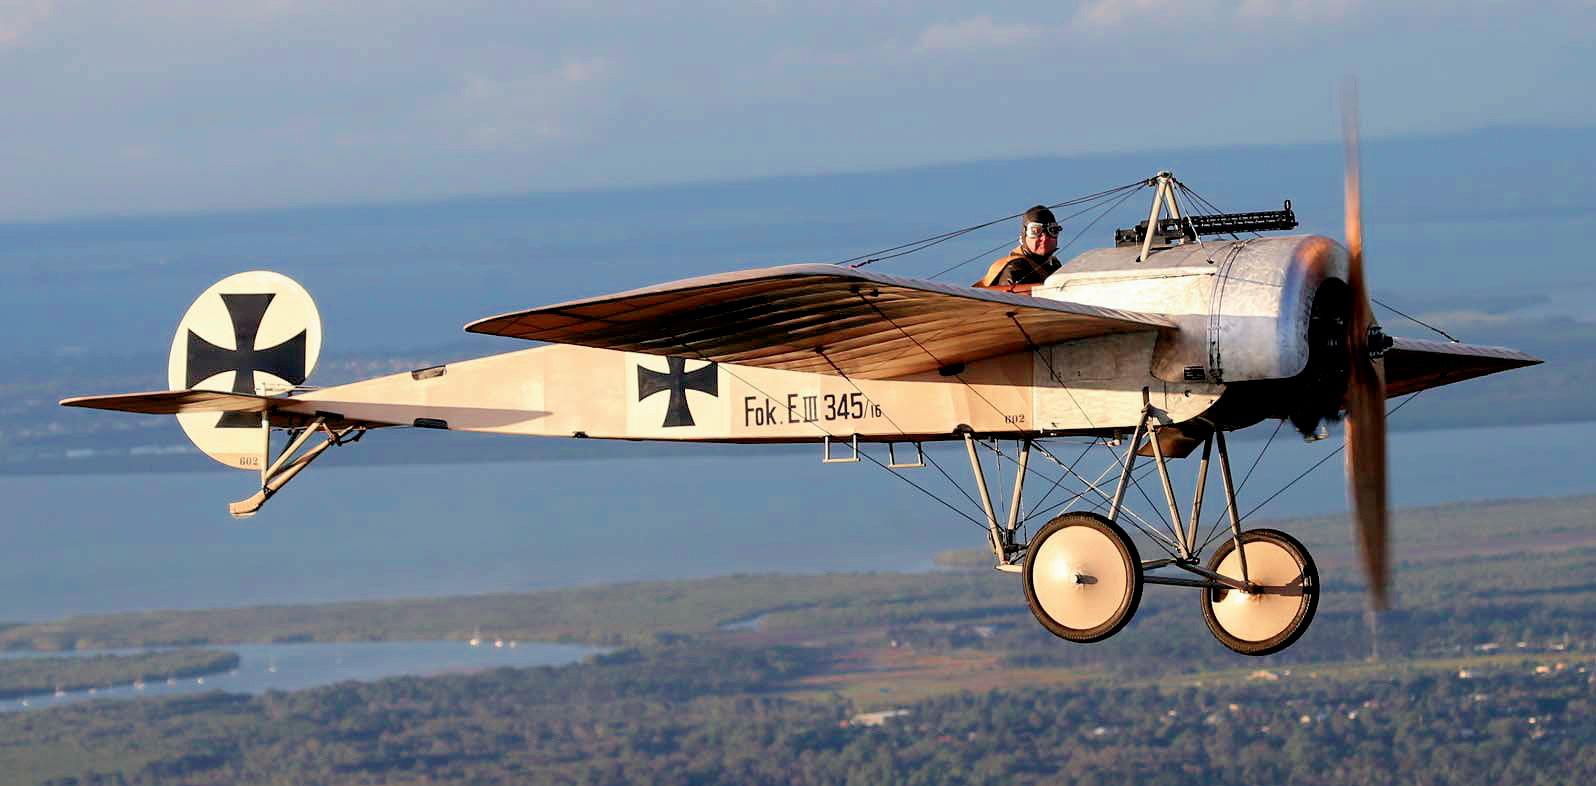 Engels E.4 (Replica of theFokker E.III) in flight.